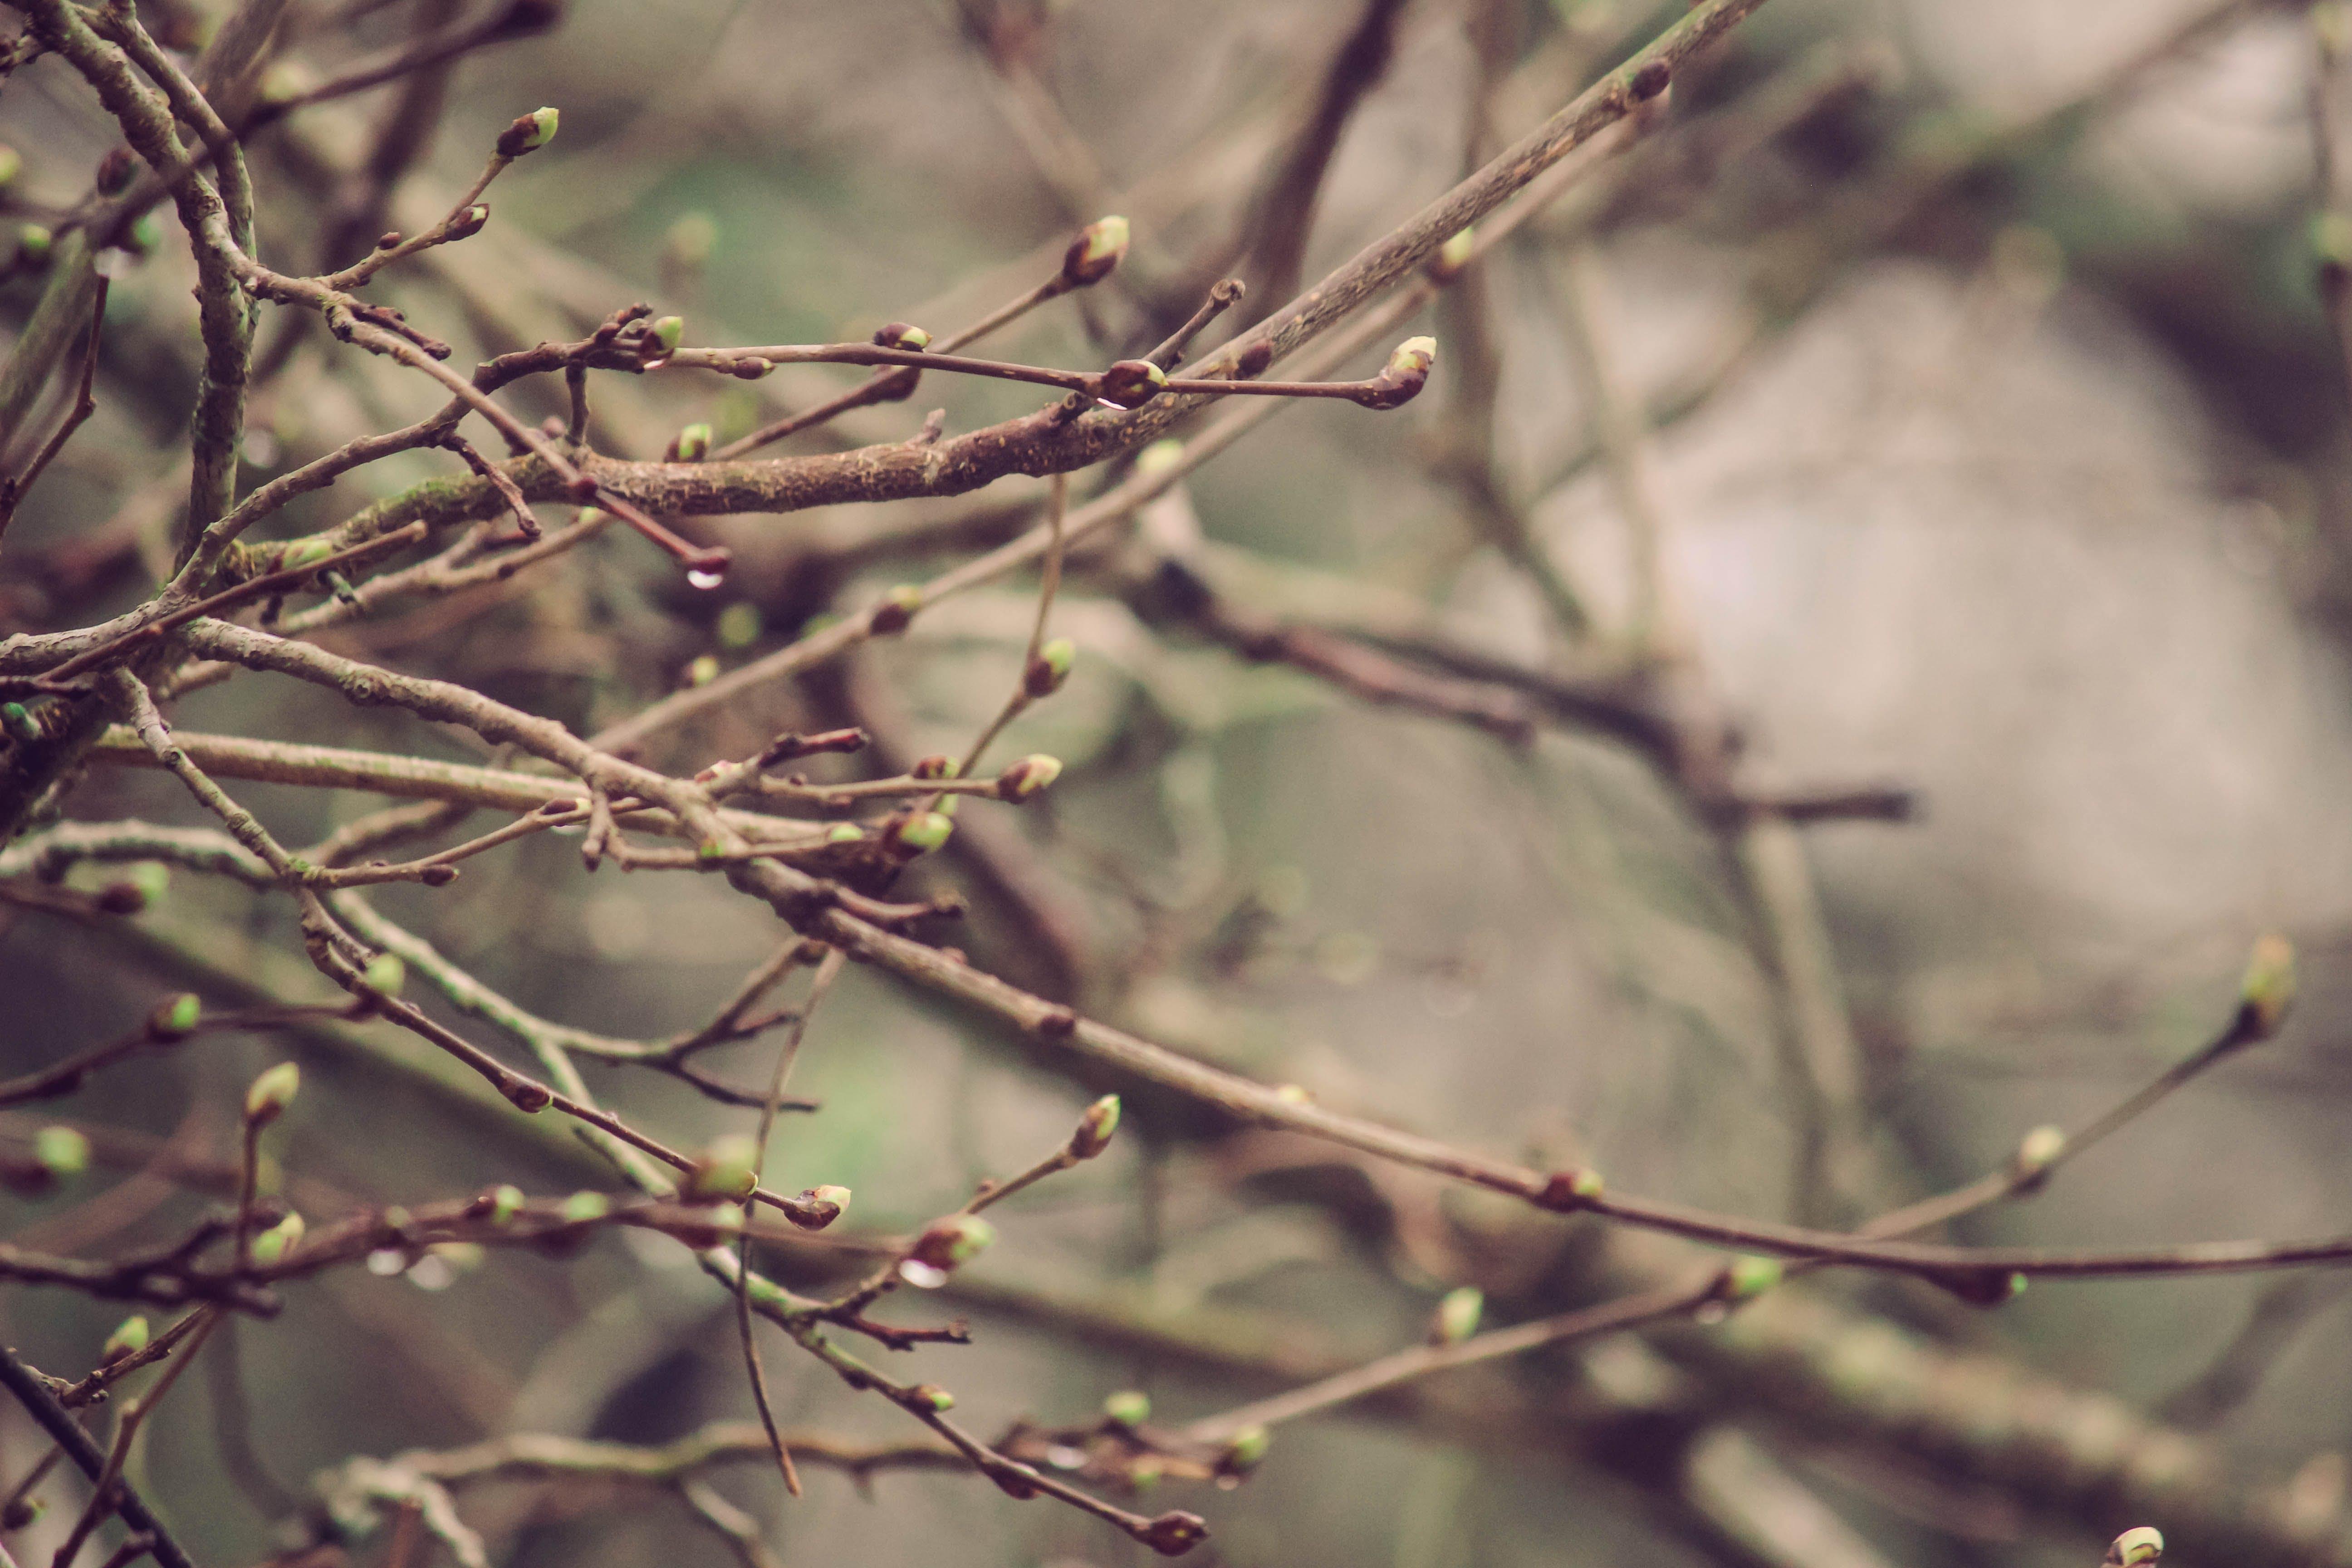 Δωρεάν στοκ φωτογραφιών με κλαδιά, μούρα